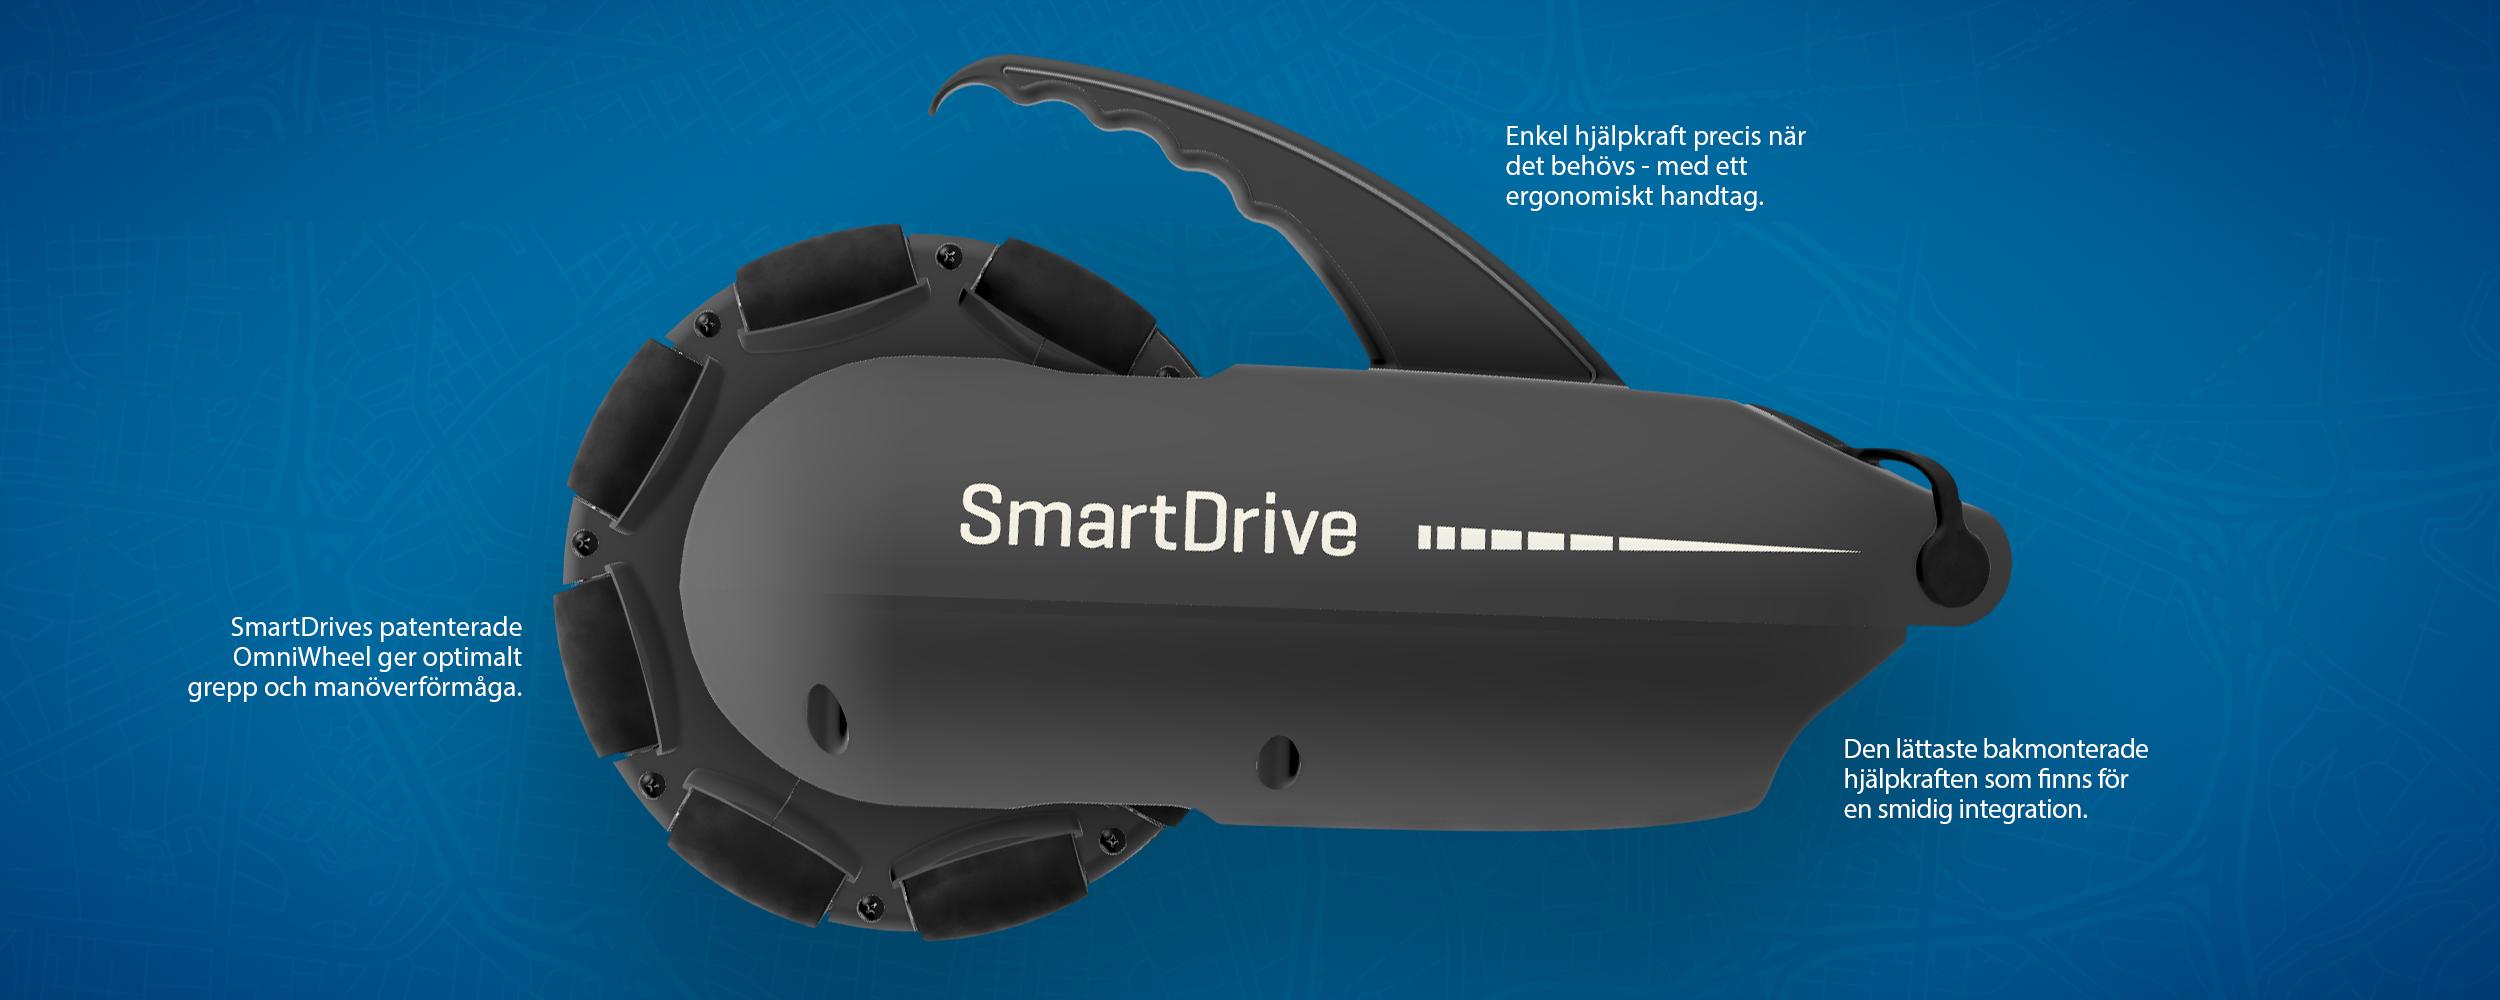 SmartDrive_2500x1000_SE